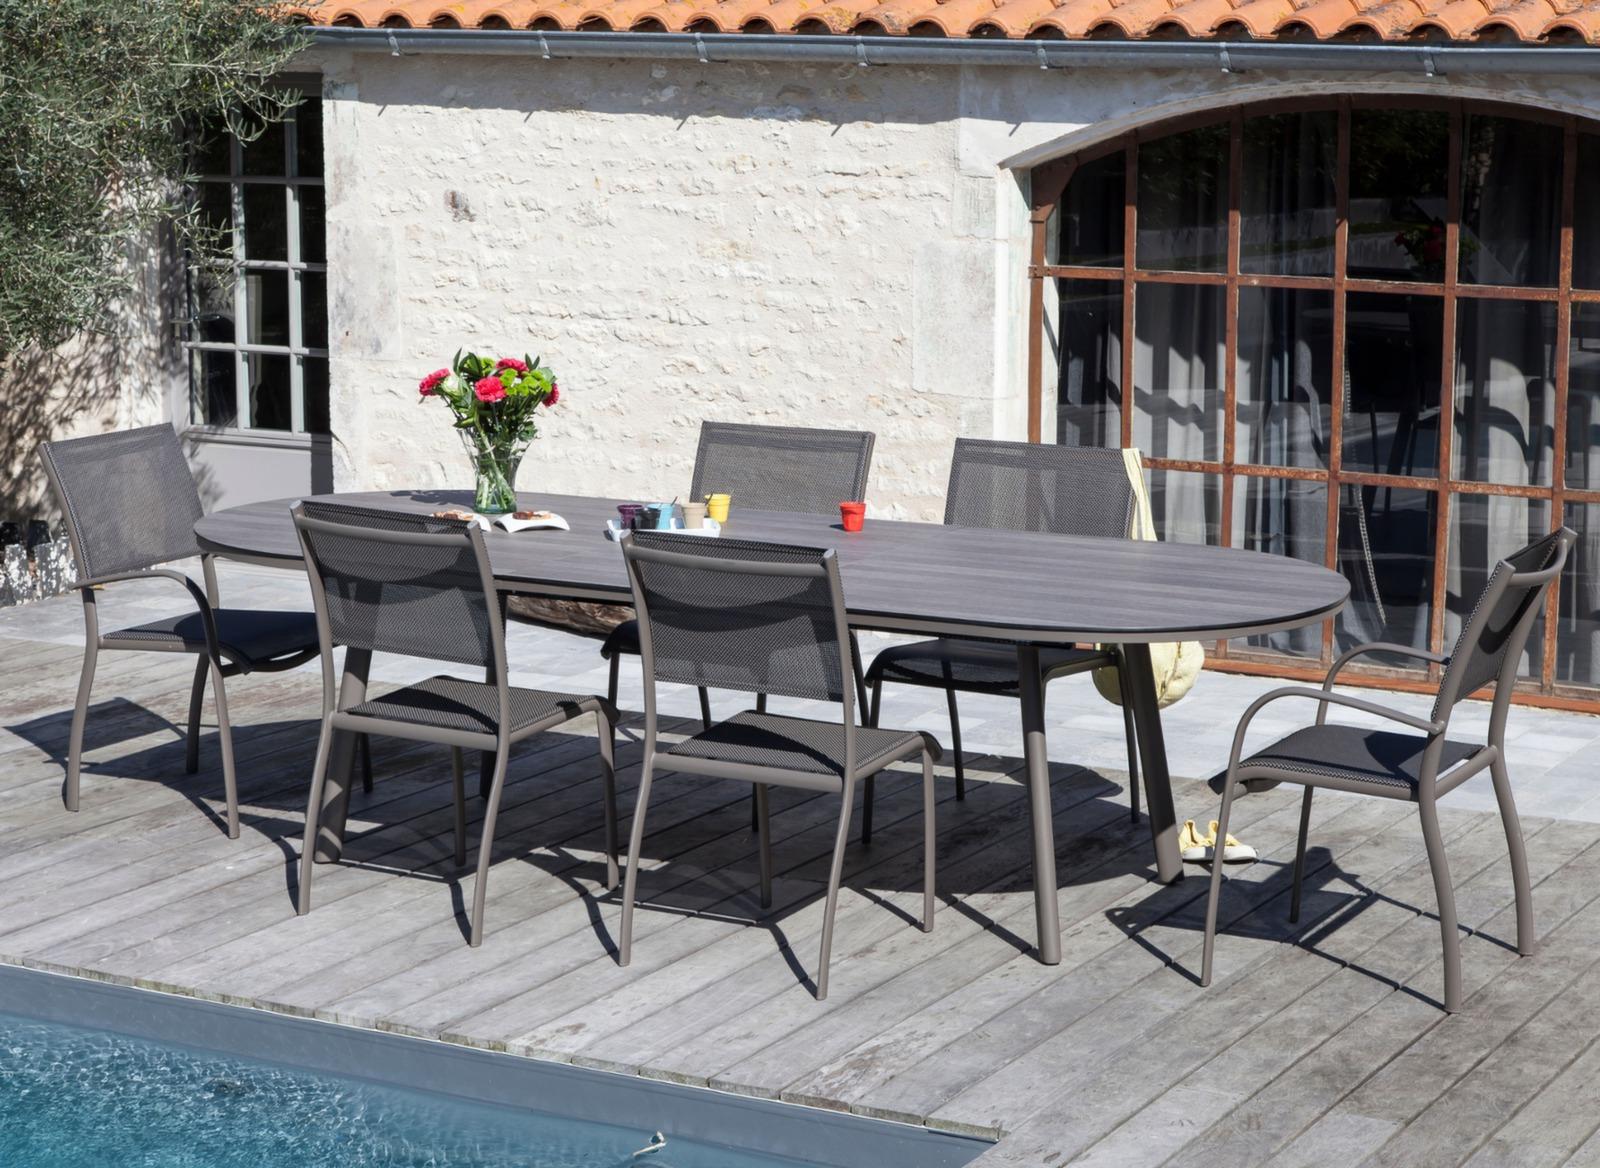 Table bilbao 220 280 cm plateau trespa mobilier de jardin pour le repas promotions bons - Mobilier de jardin montpellier ...